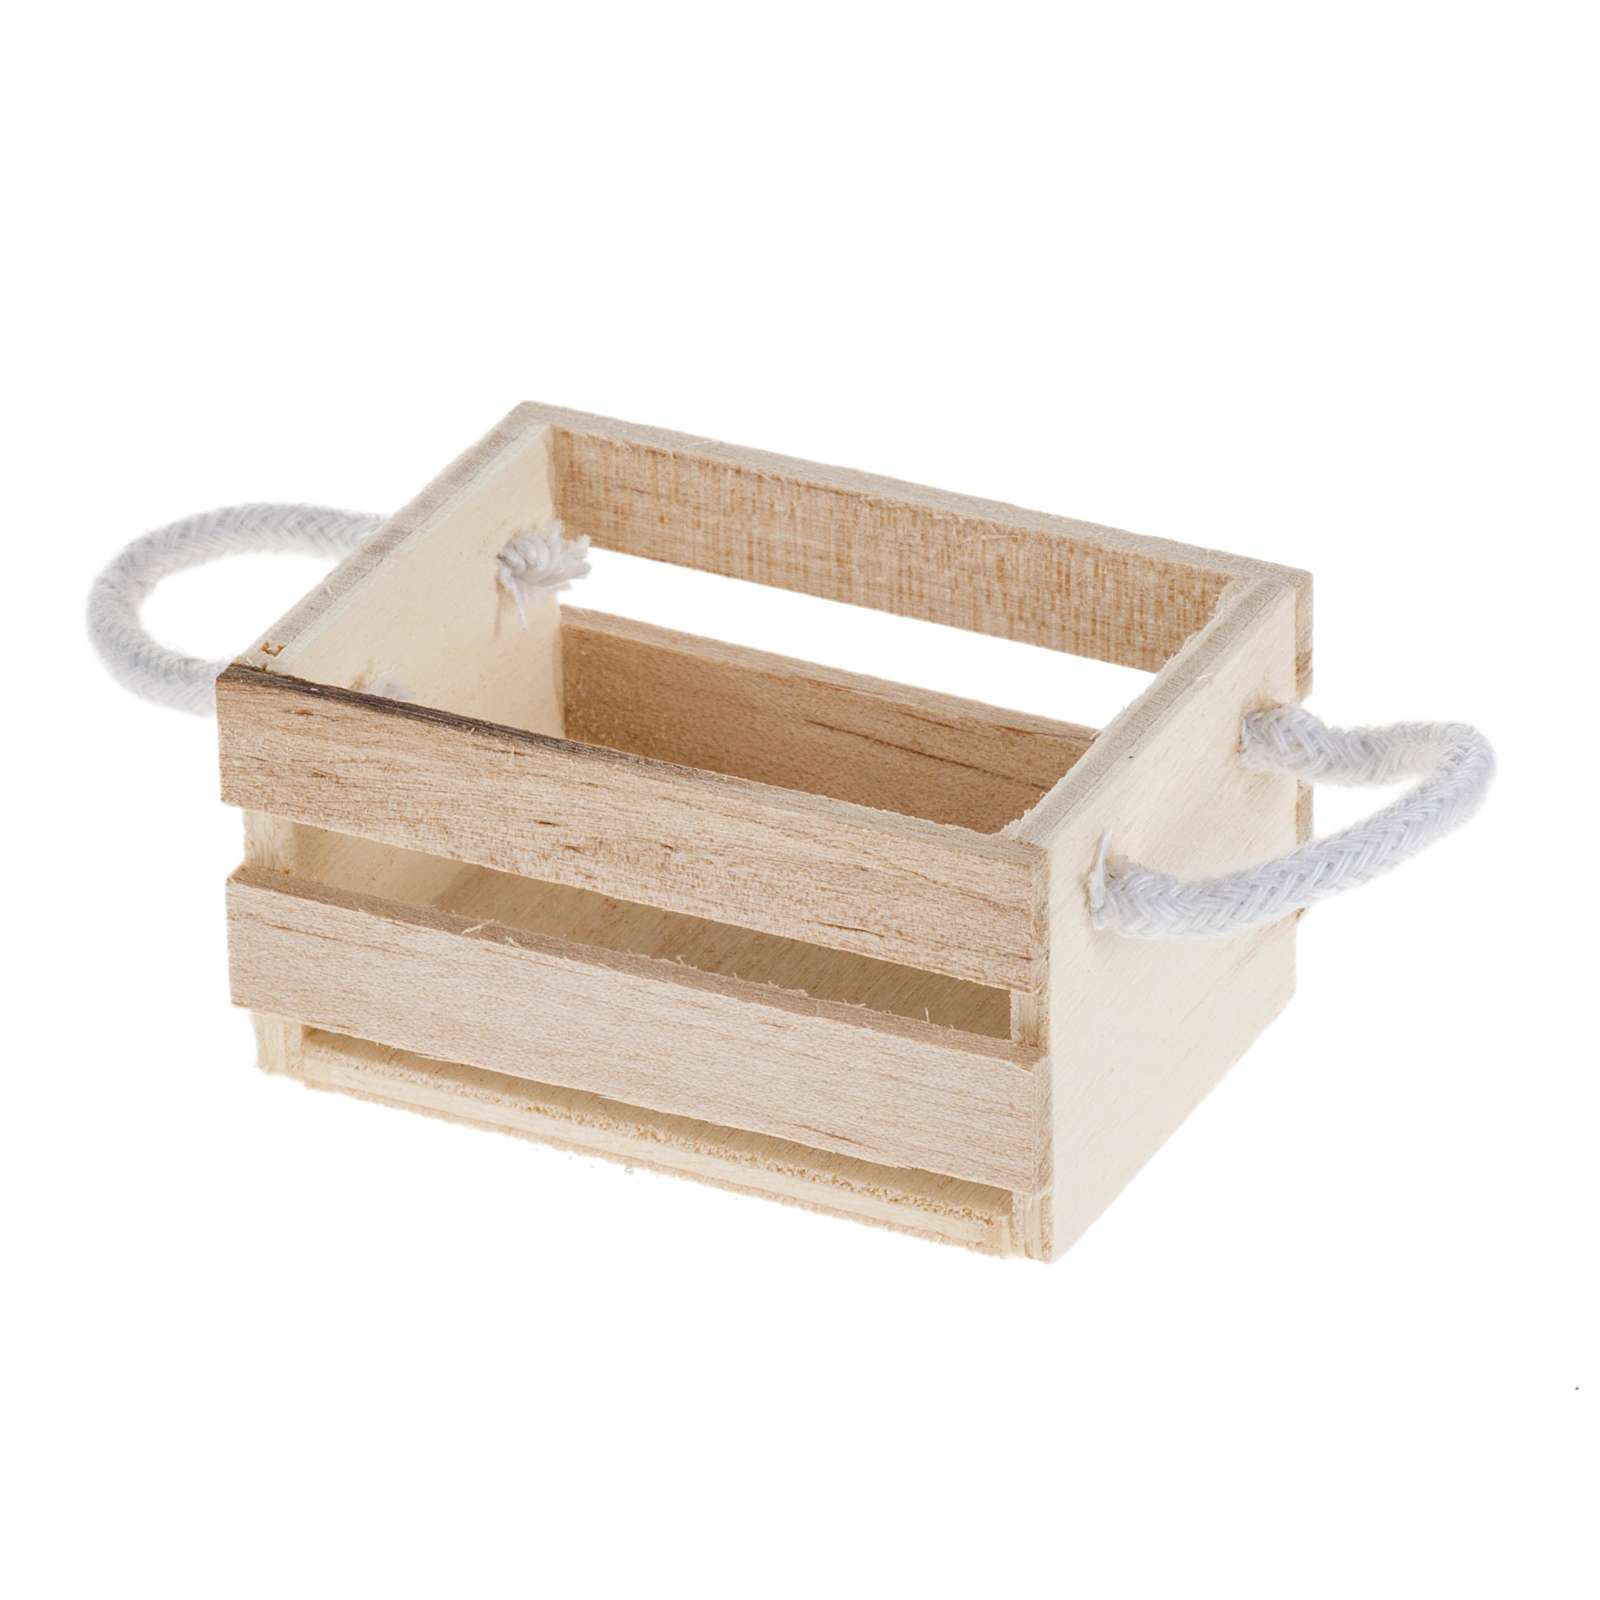 Caxinha madeira alças em corda 4